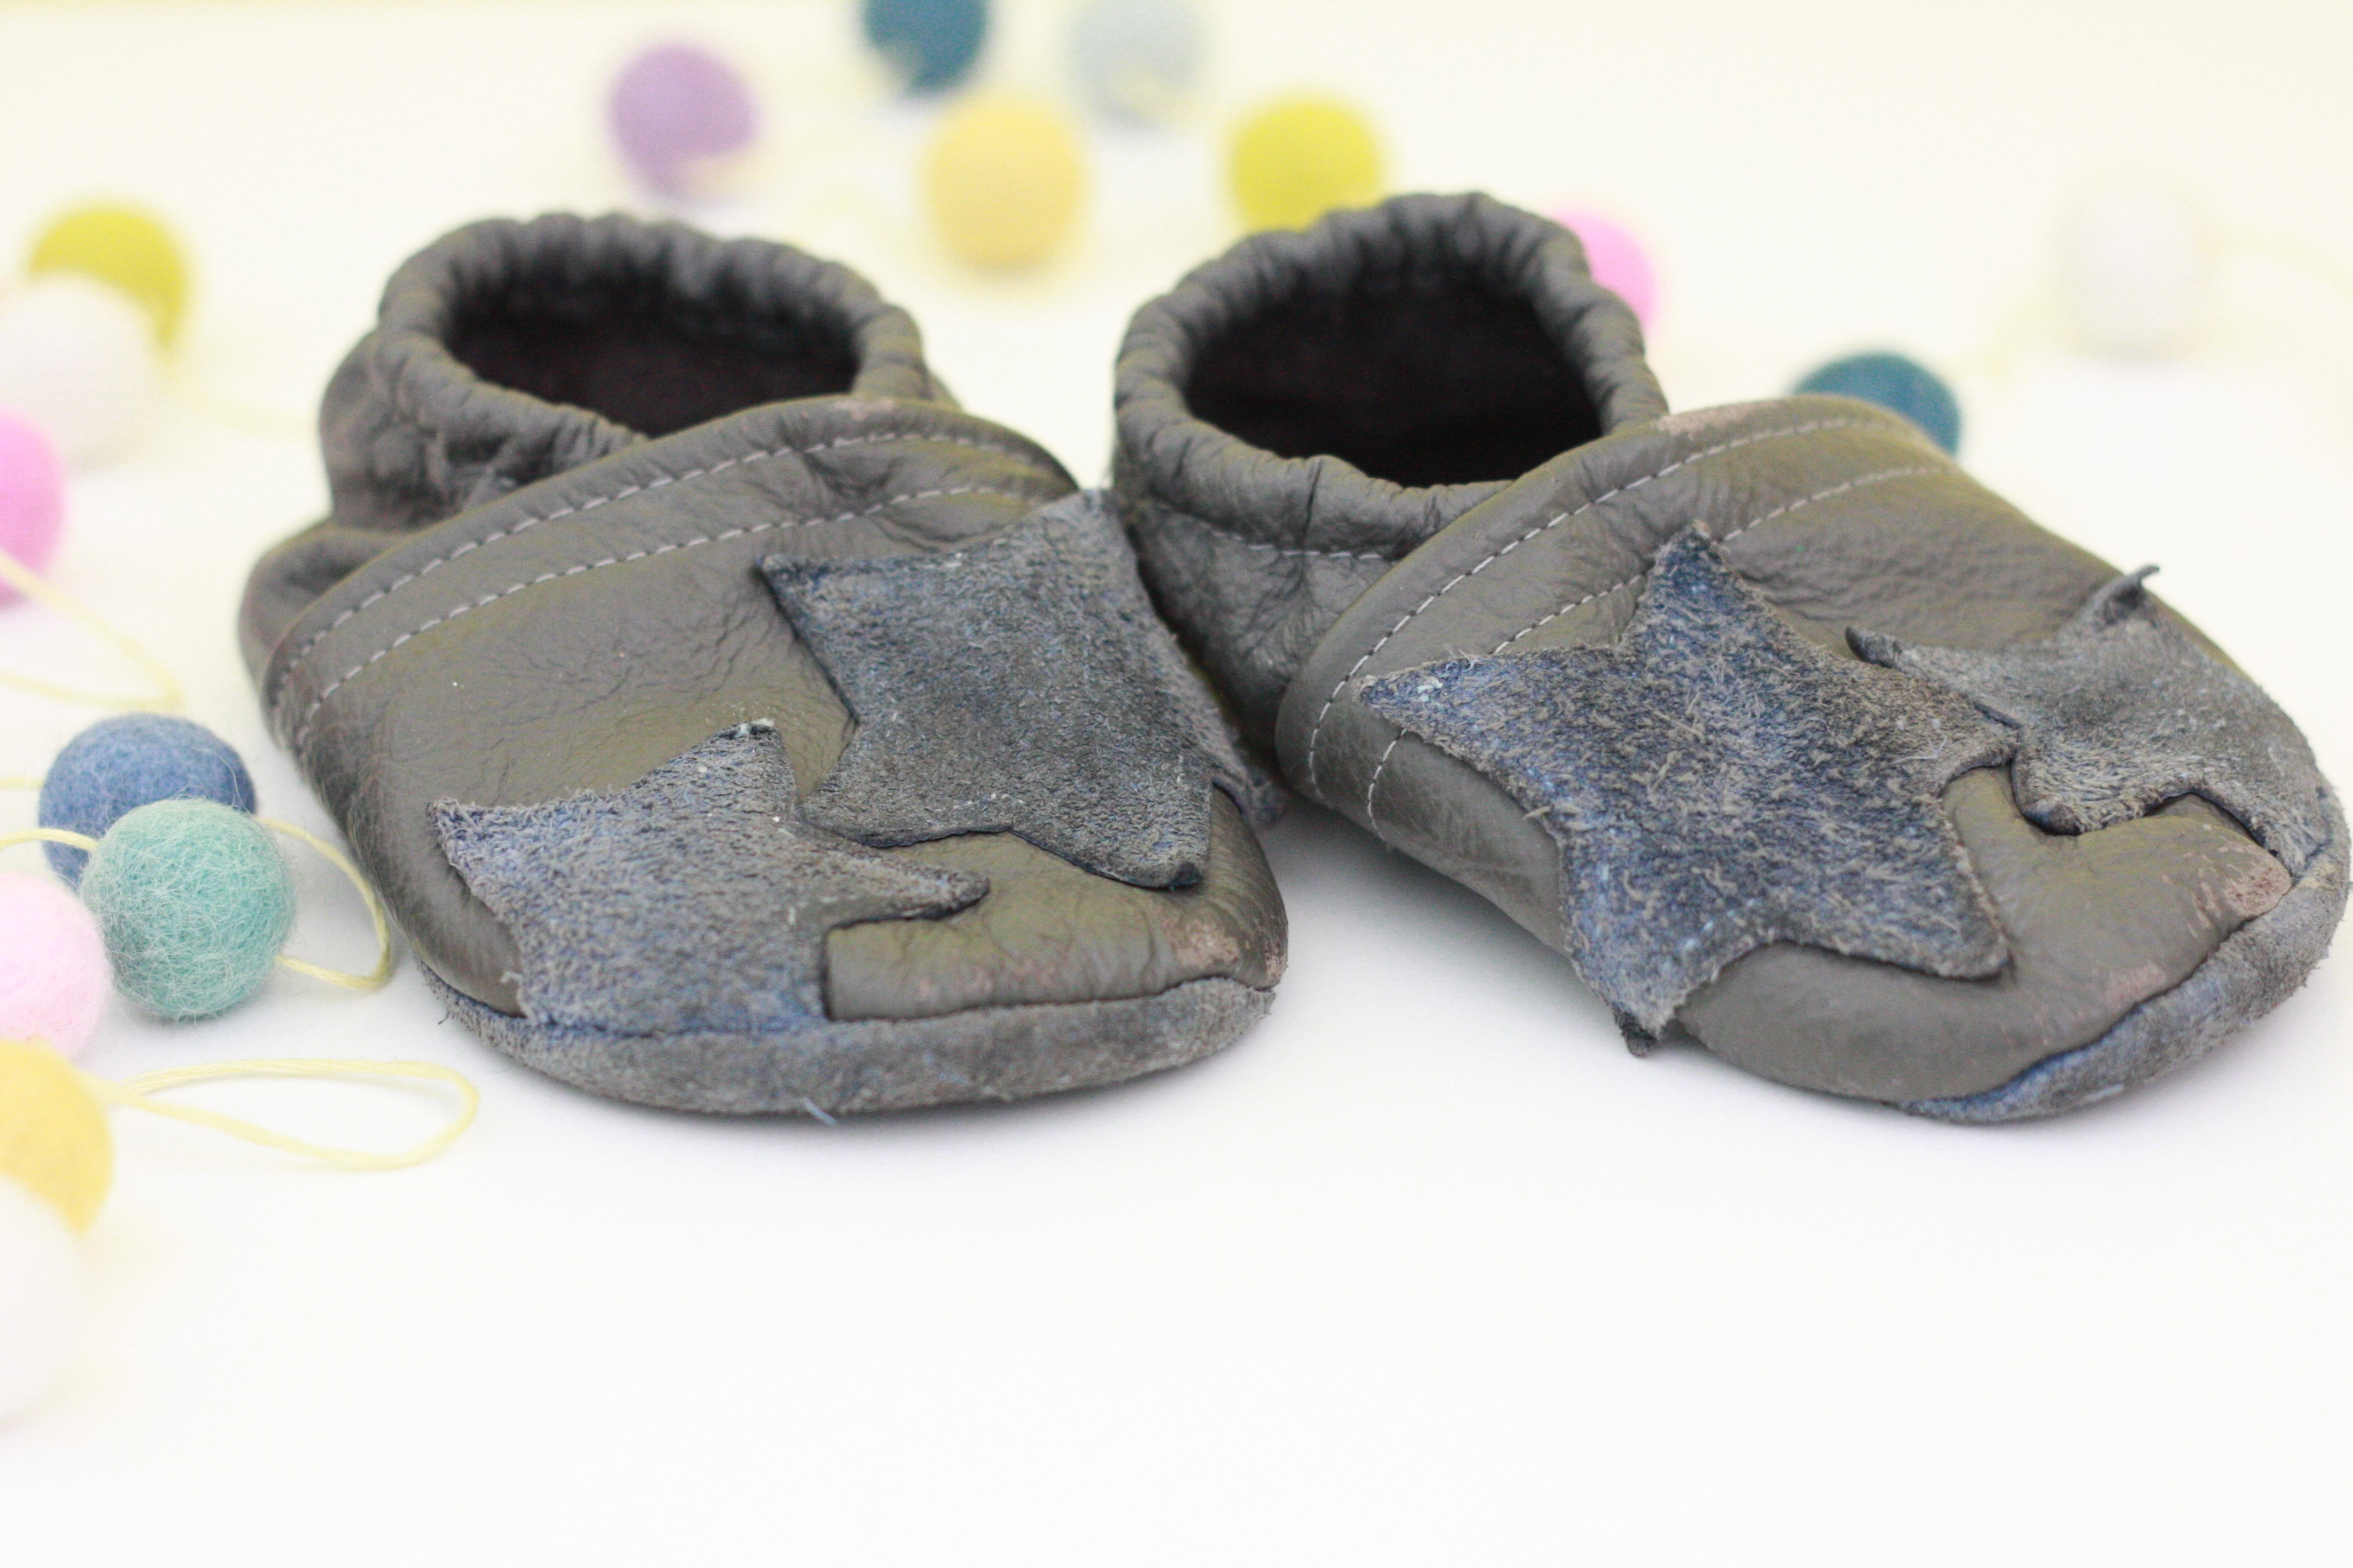 Wann braucht dein Kind das erste Paar Schuhe?